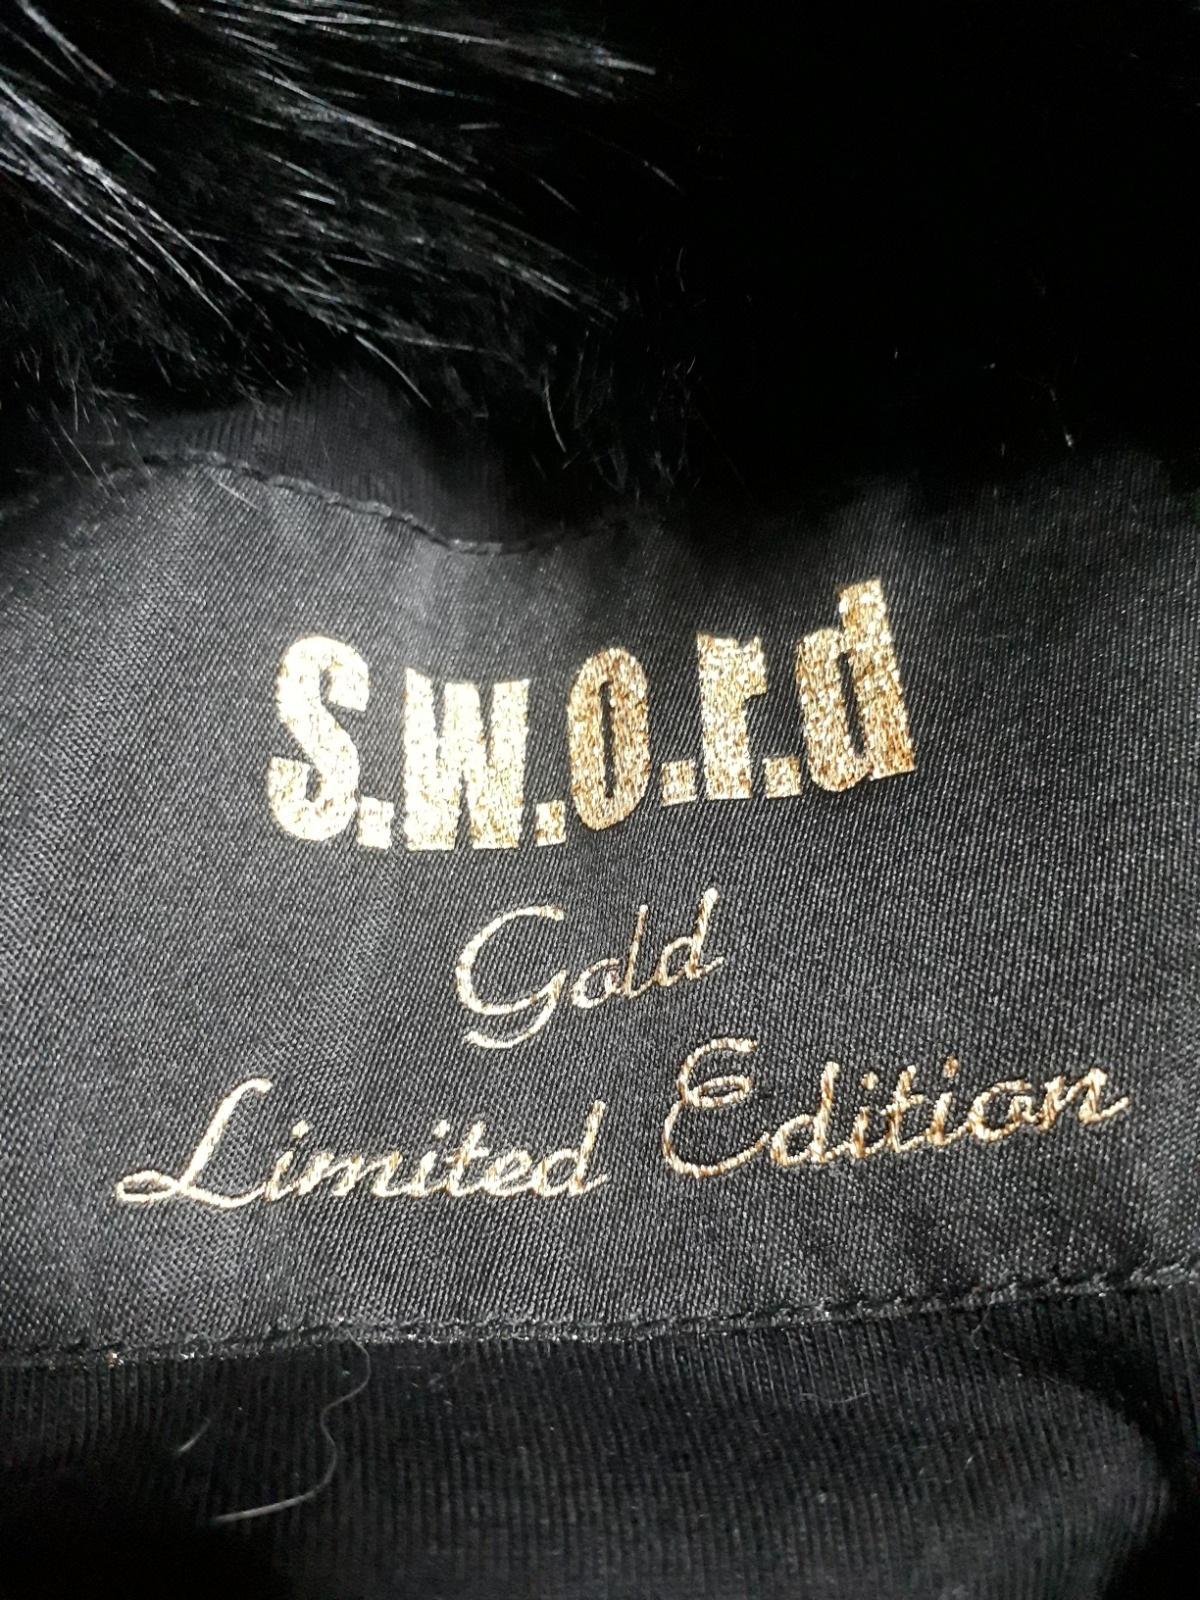 s.w.o.r.d(スウォード)のコート